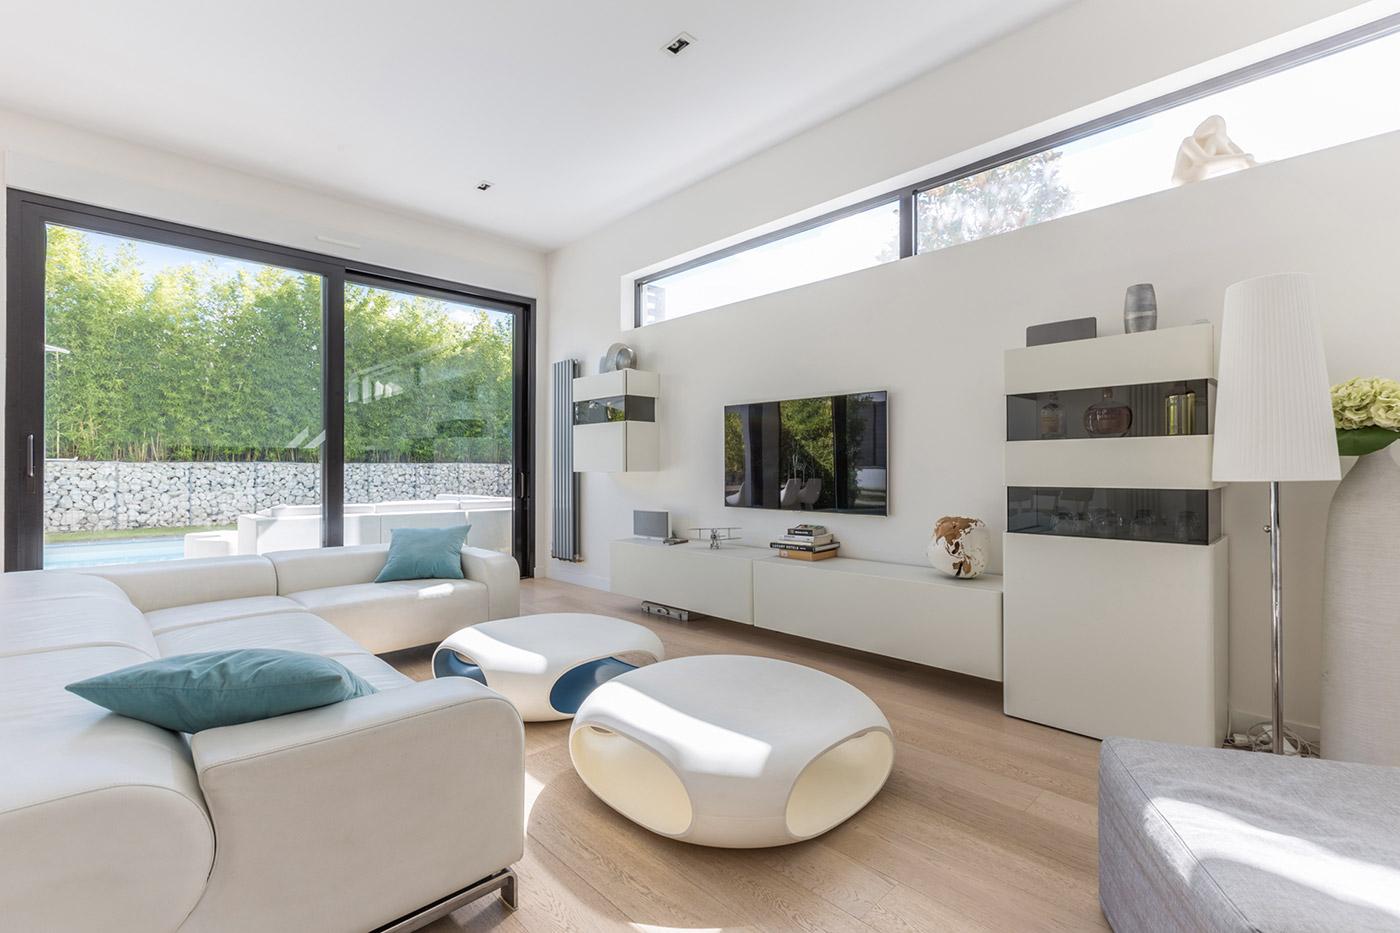 de beaux eclairages dans toute la maison donnent une touche de legerete et de modernite mettant en valeur les grands espaces de la maison